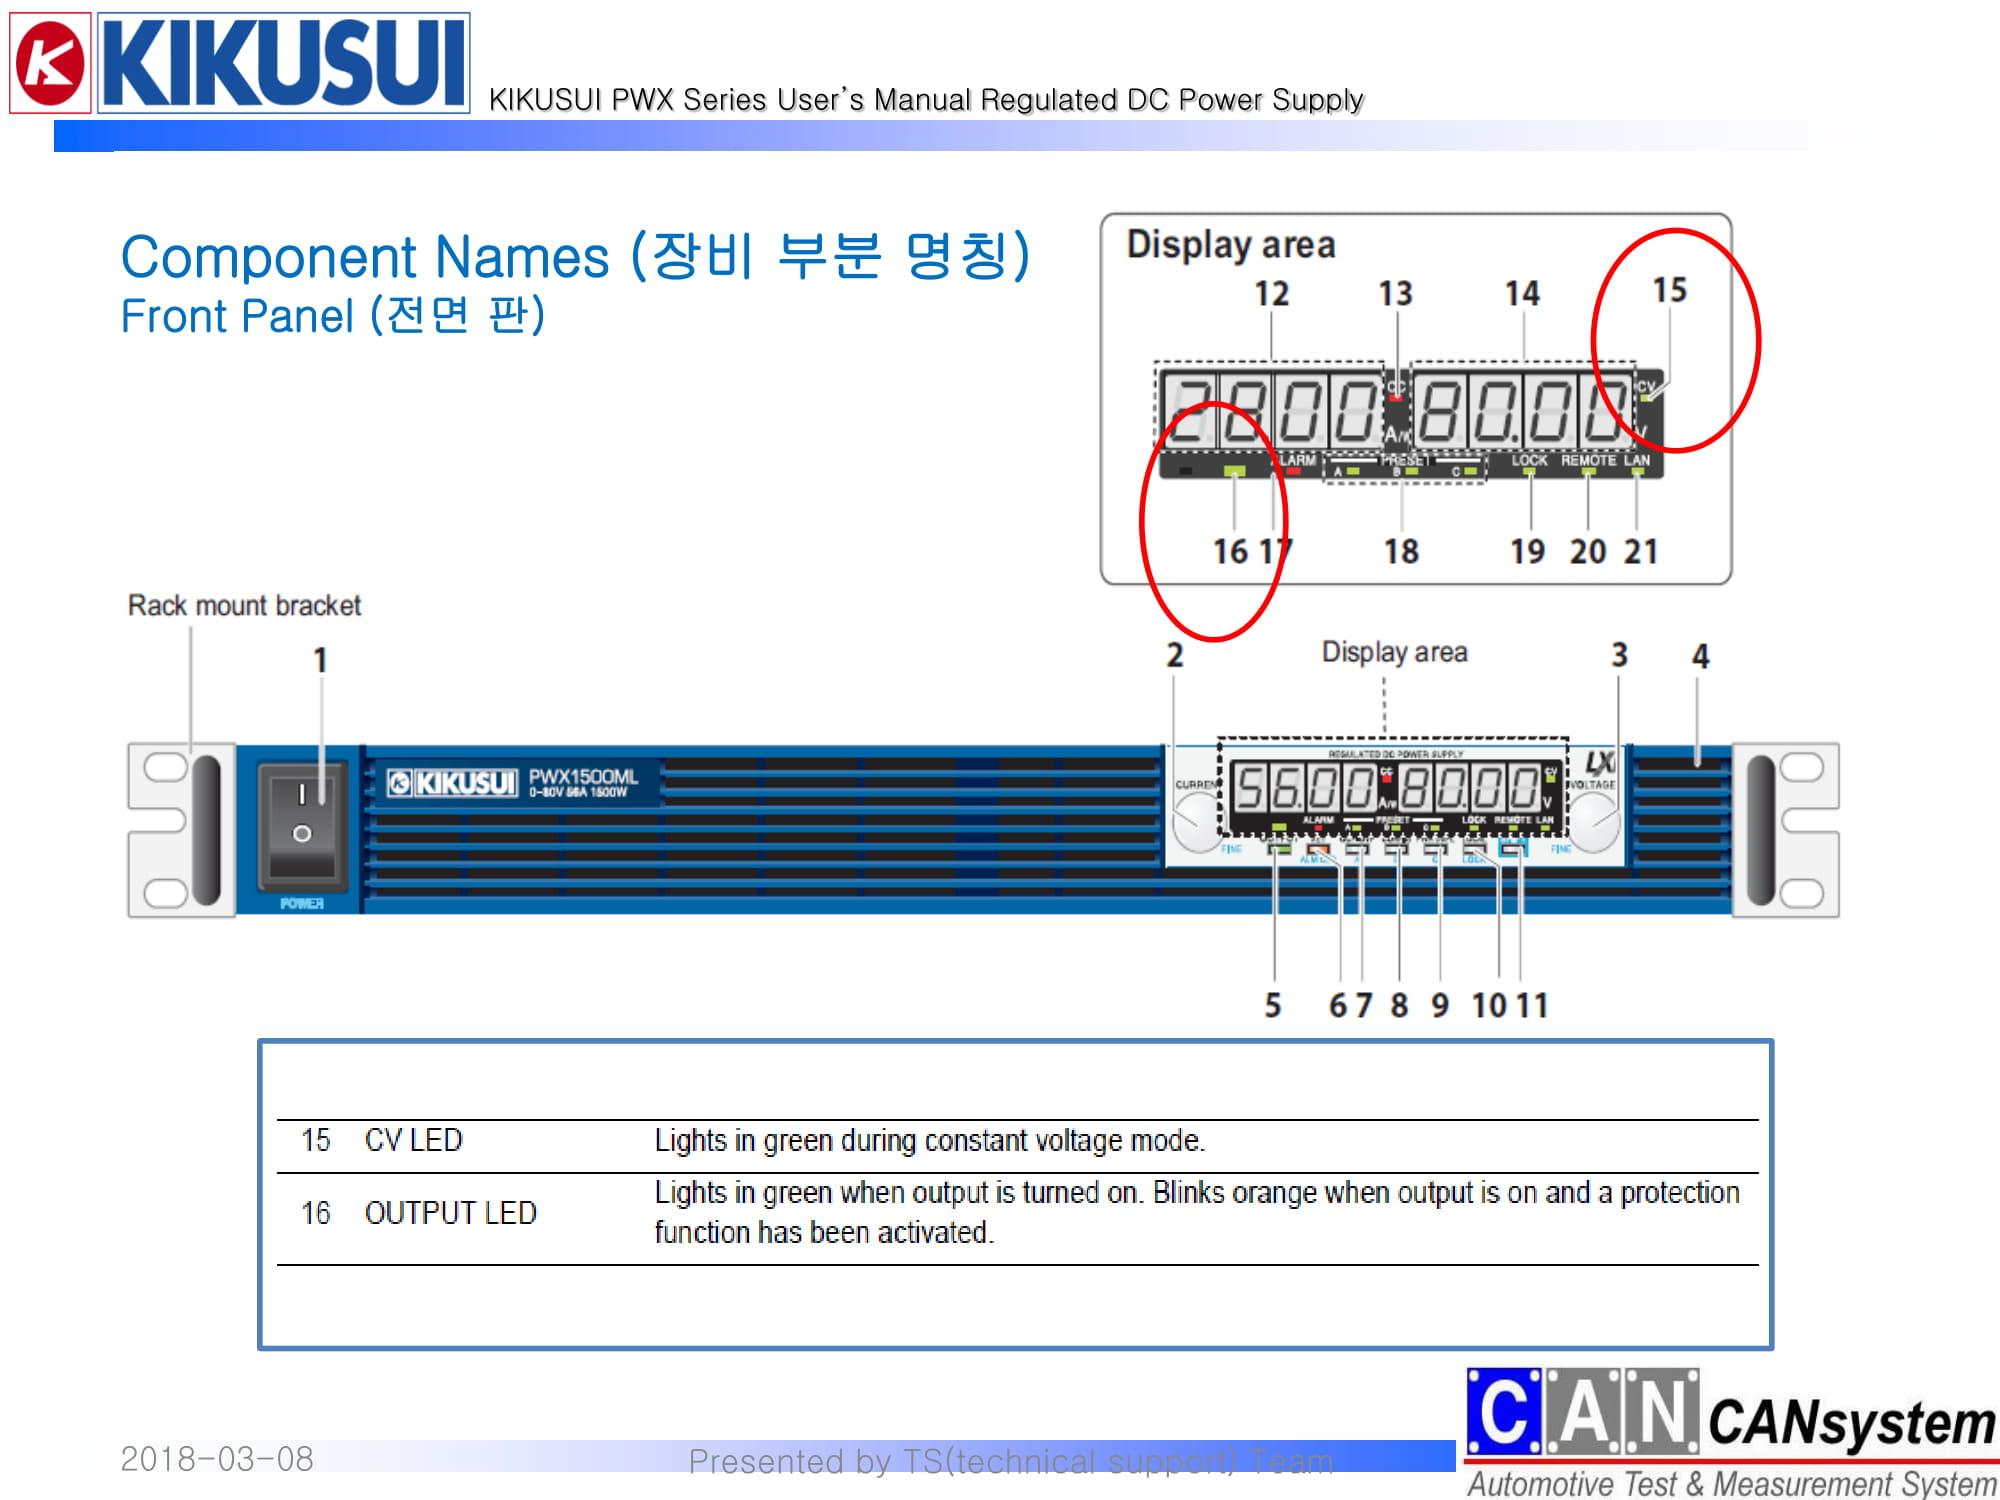 KIKUSUI PWX1500L 사용 가이드-07.jpg